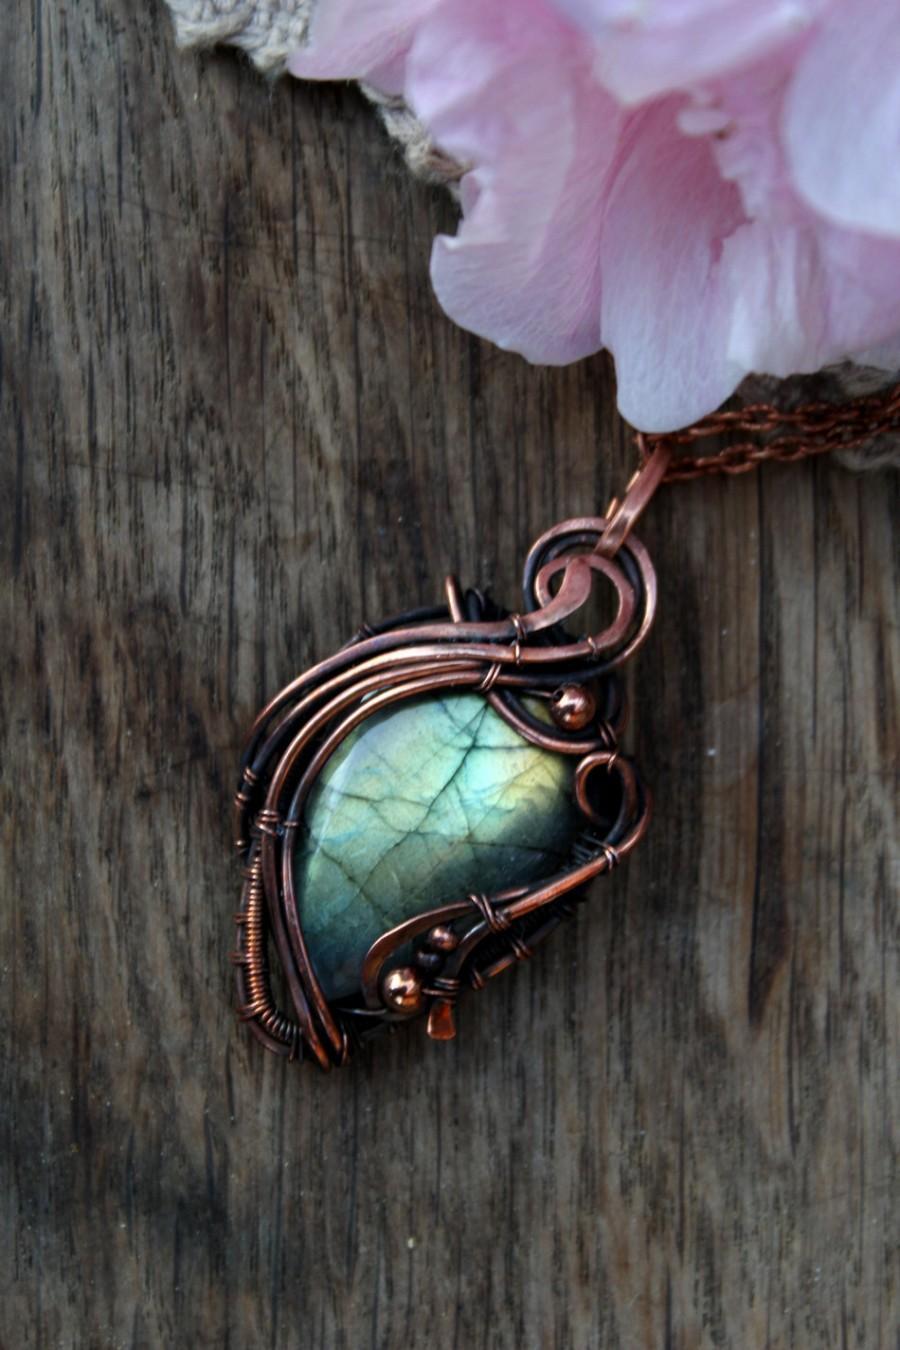 Copper Labradorite Pendant Bohemian Pendant Amulet Necklace